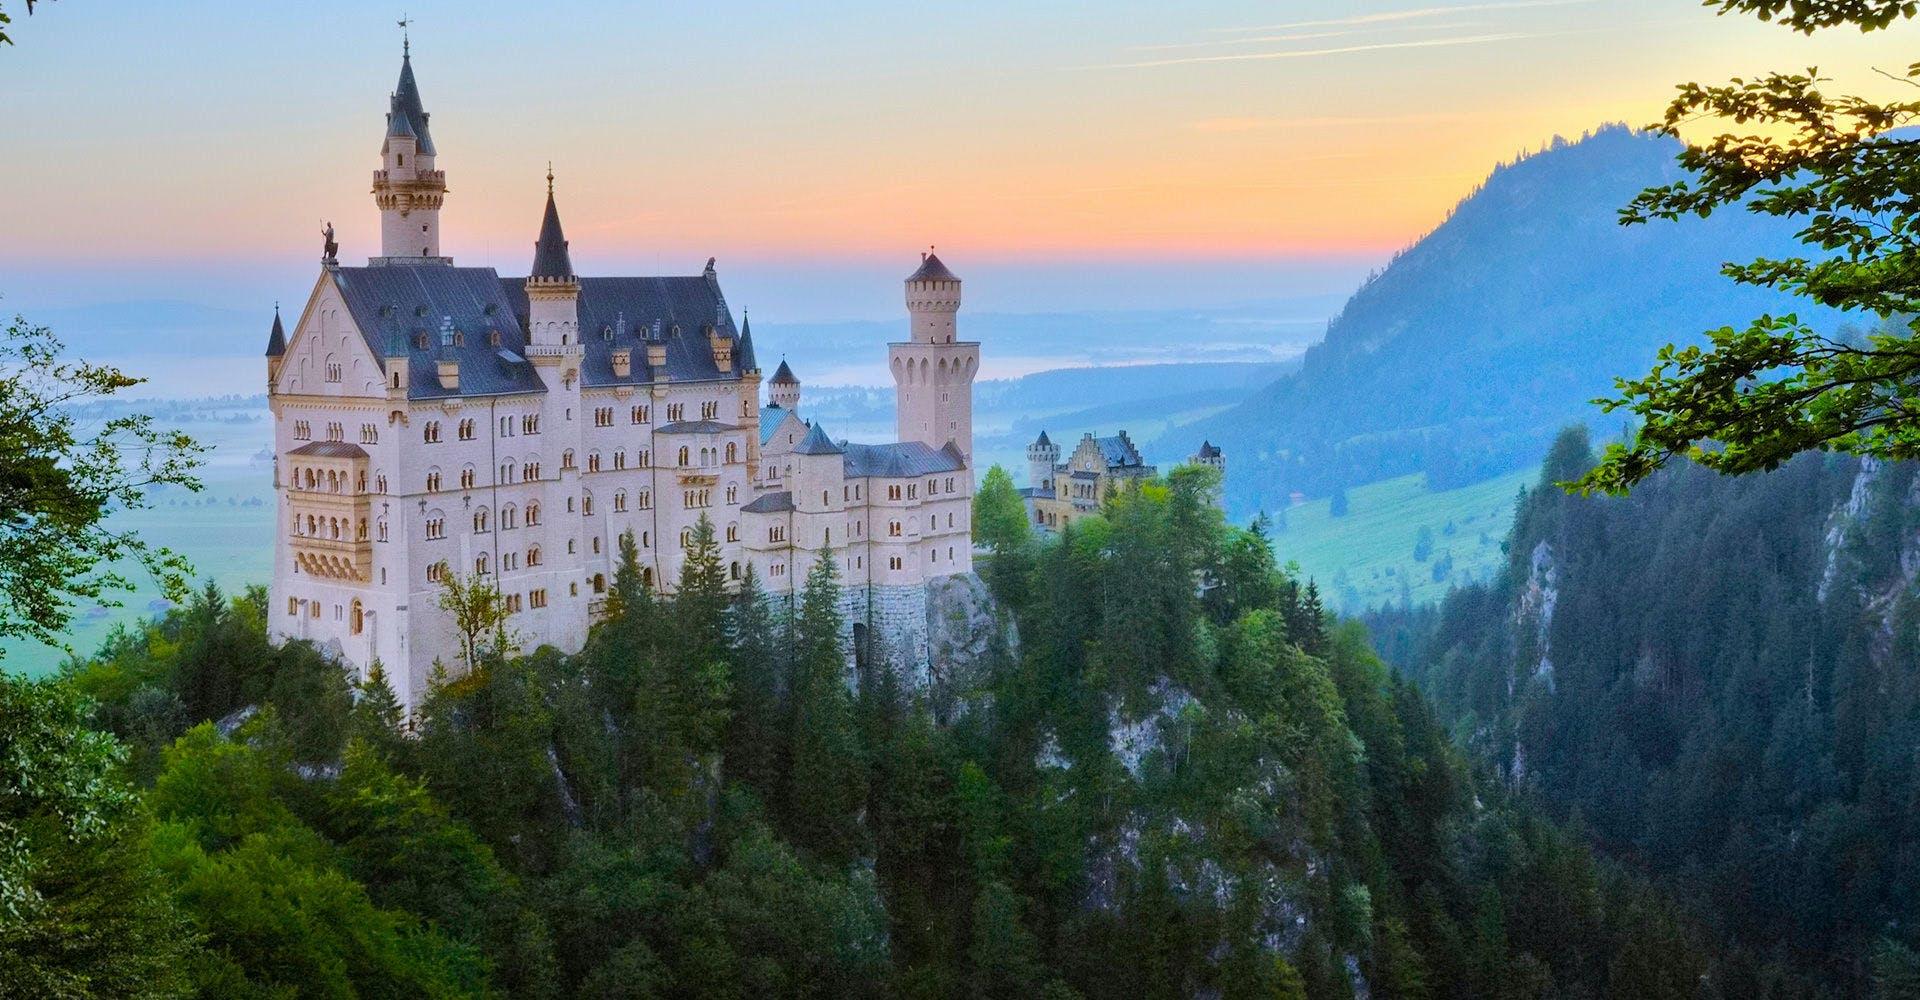 ドイツのホテル 海外ホテル予約・海外旅行は一休.com